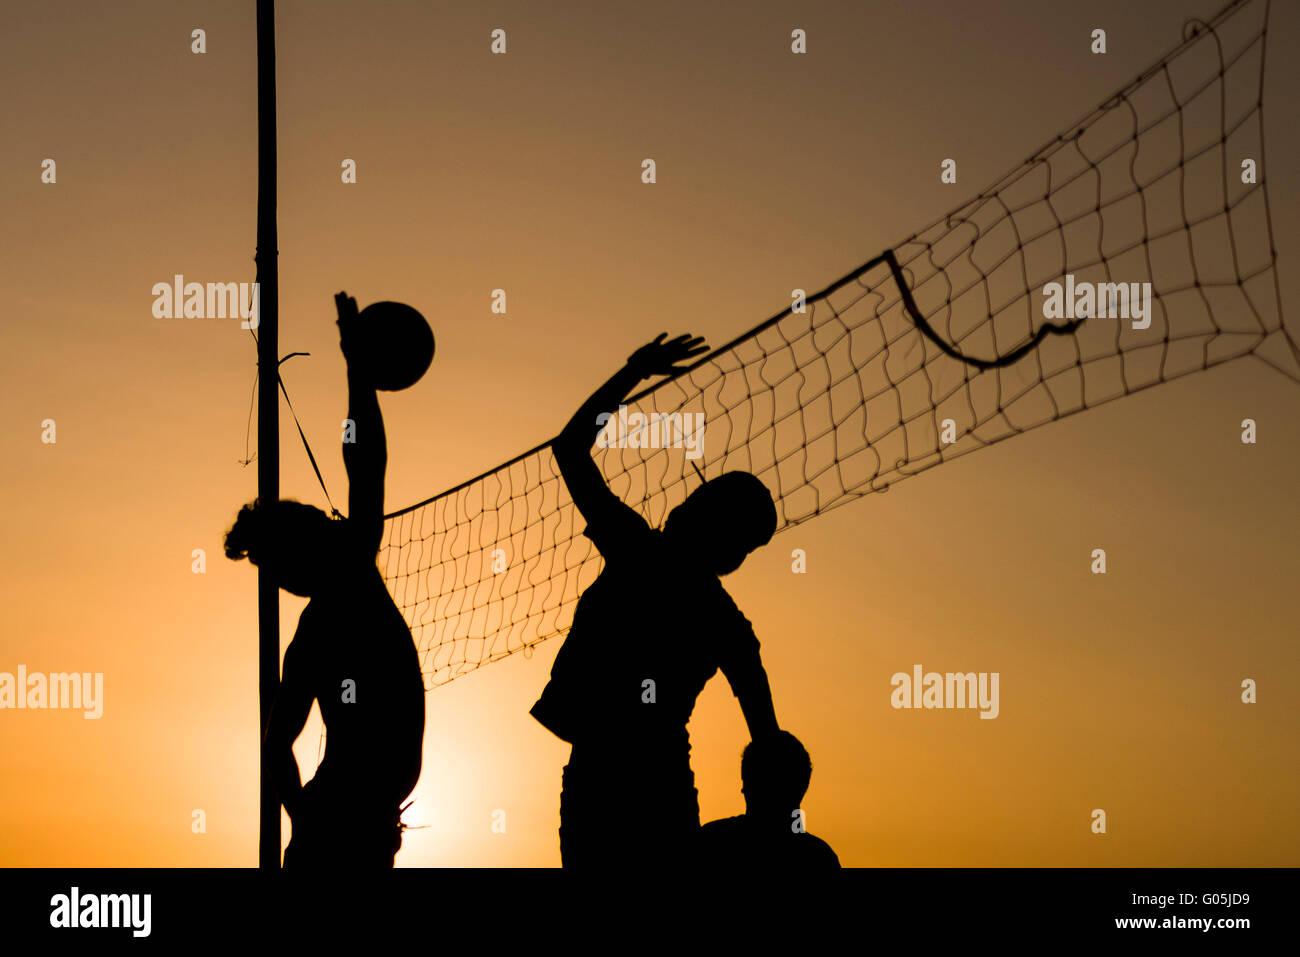 Siluetas de personas jugando voleibol con vollayball y la red. Imagen De Stock